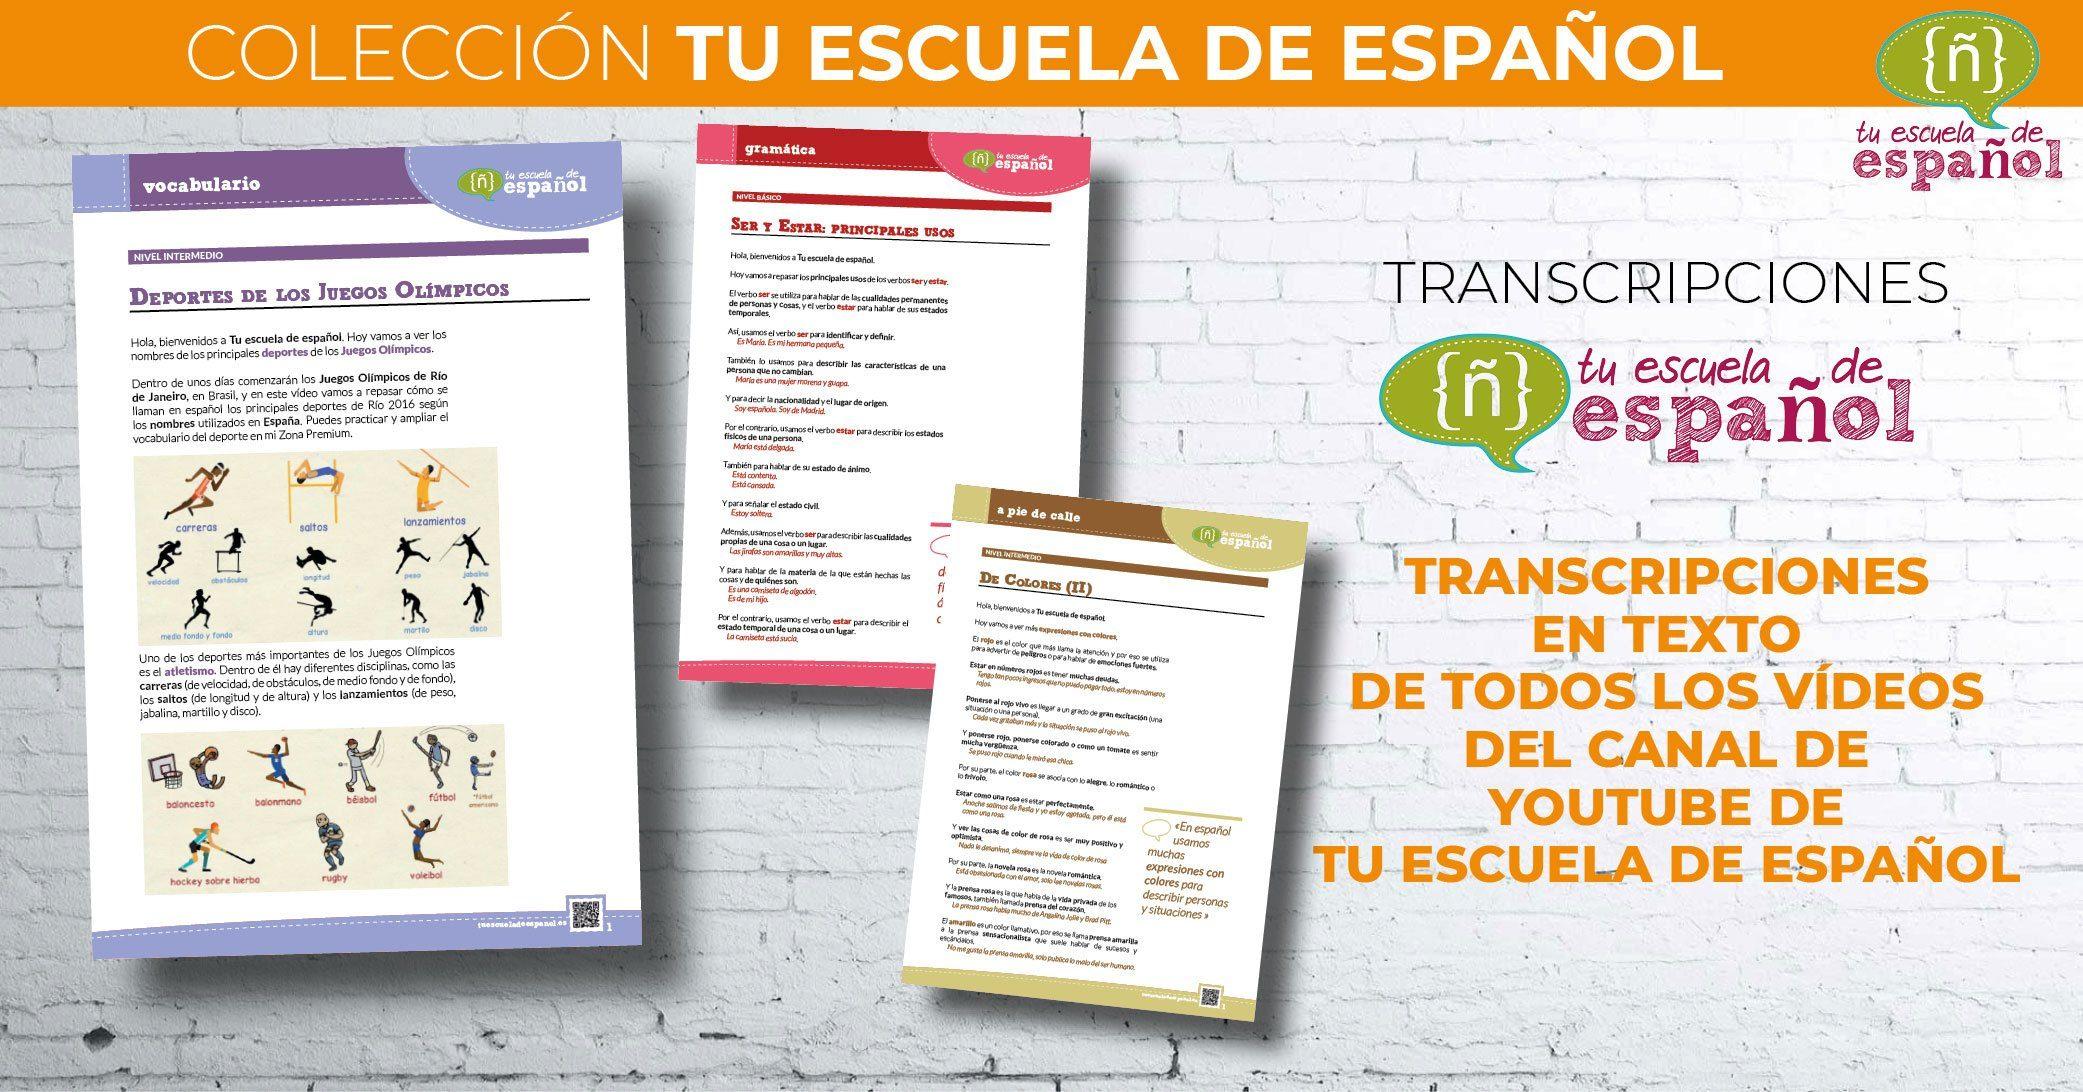 Transcripciones vídeos Tu escuela de español